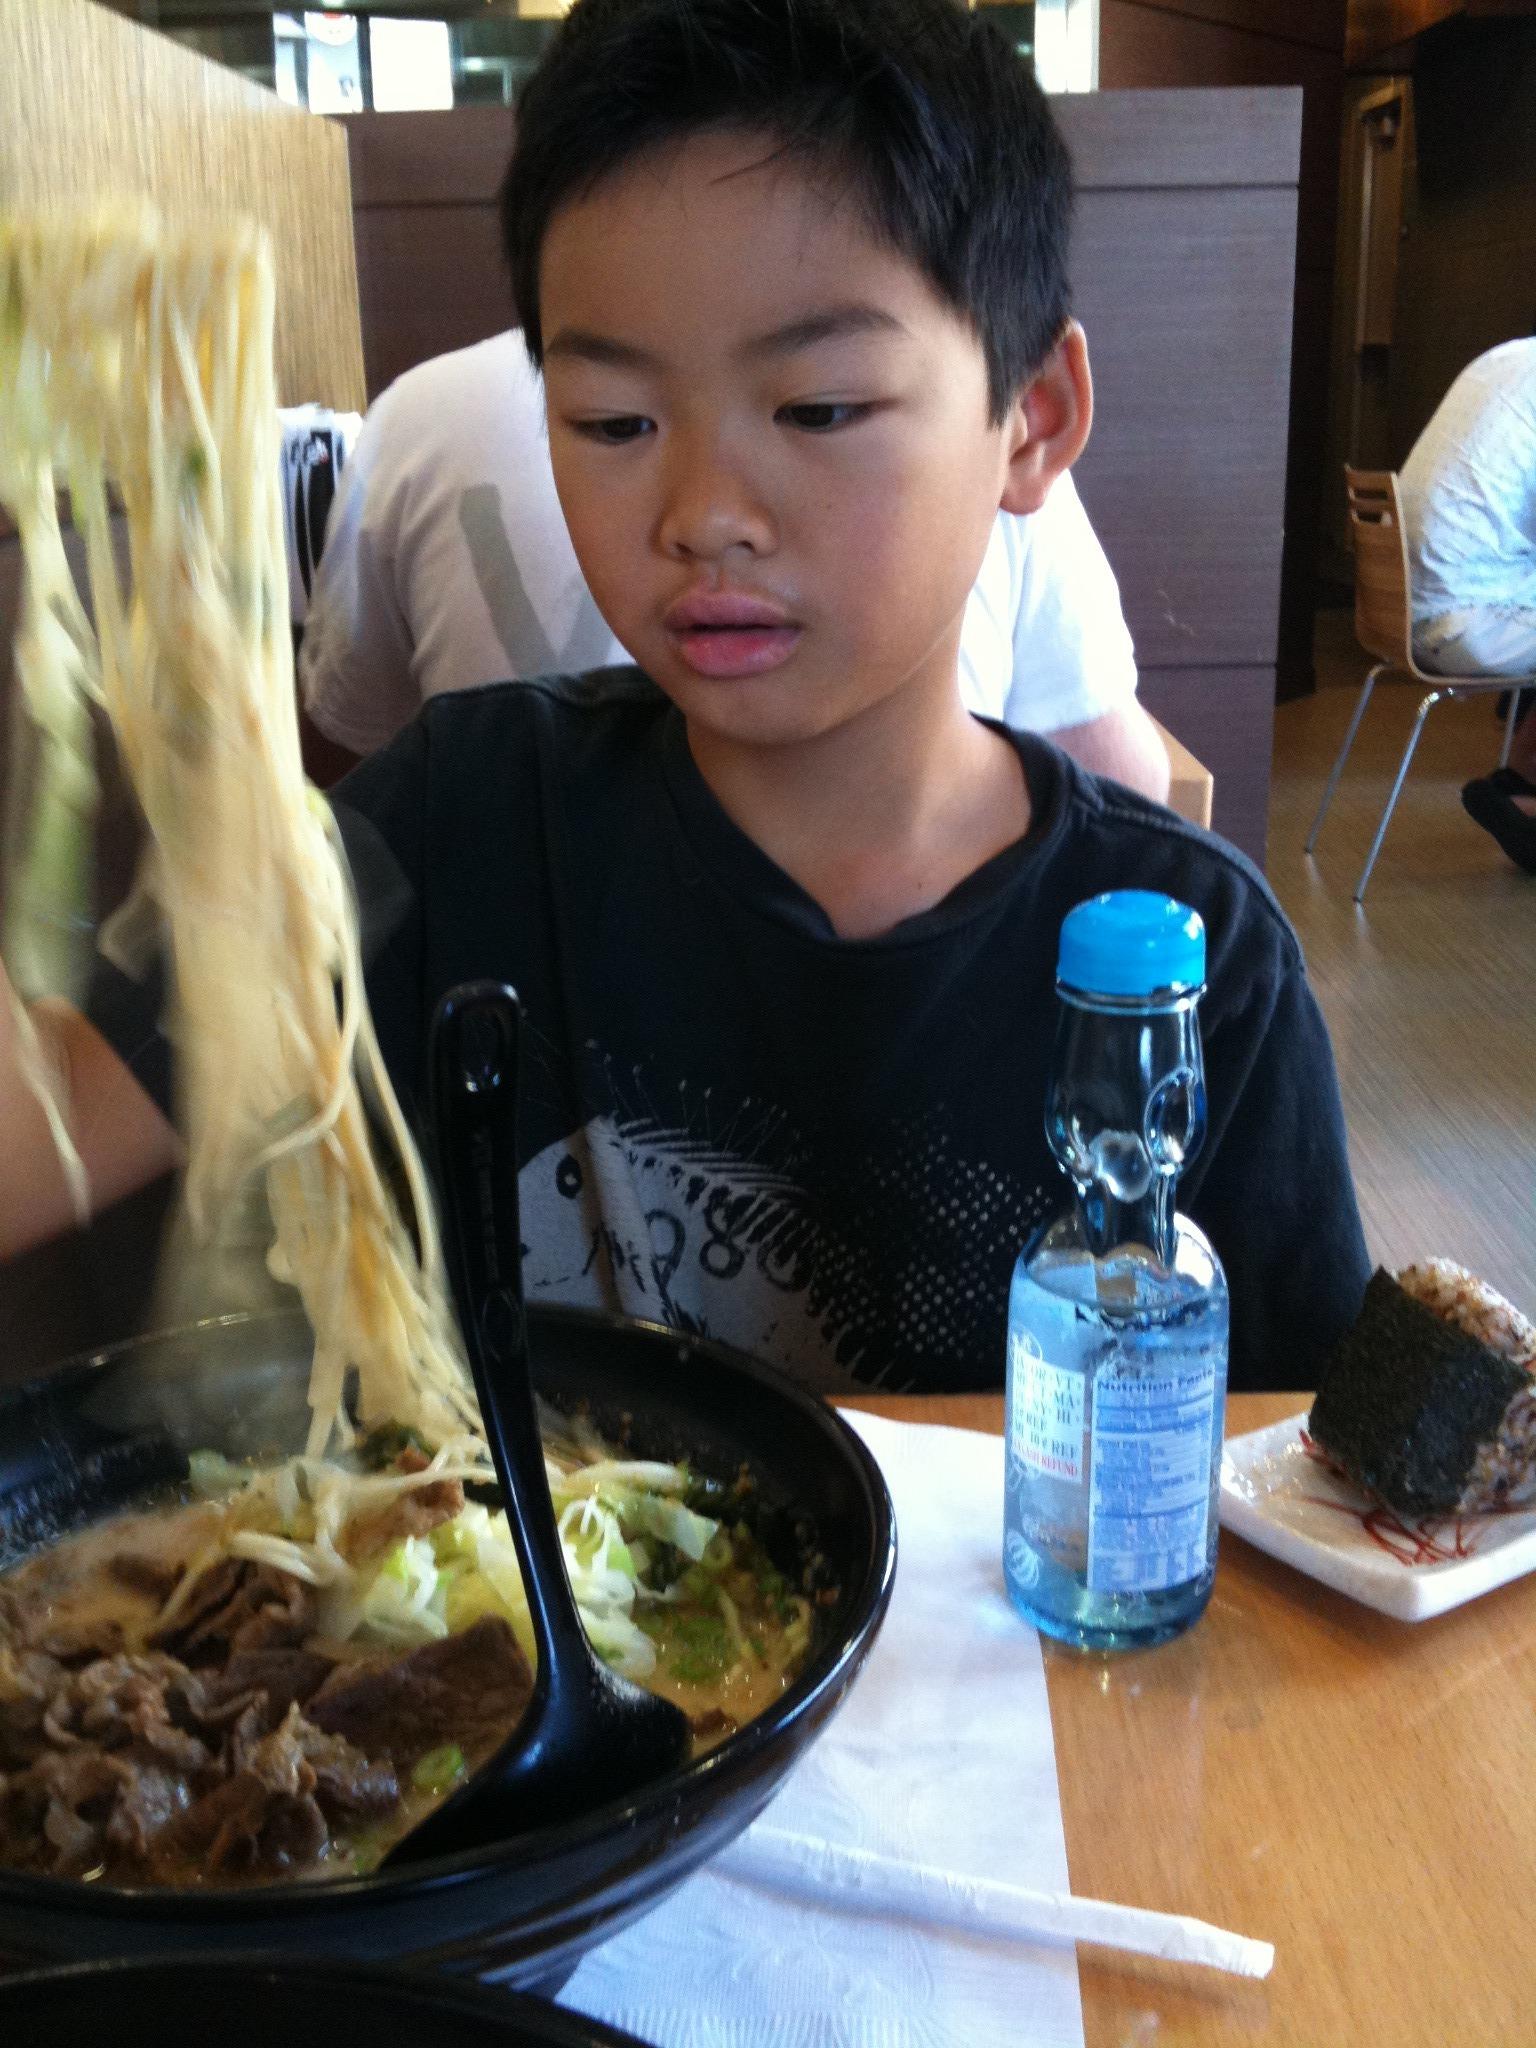 A boy and his Ramen.